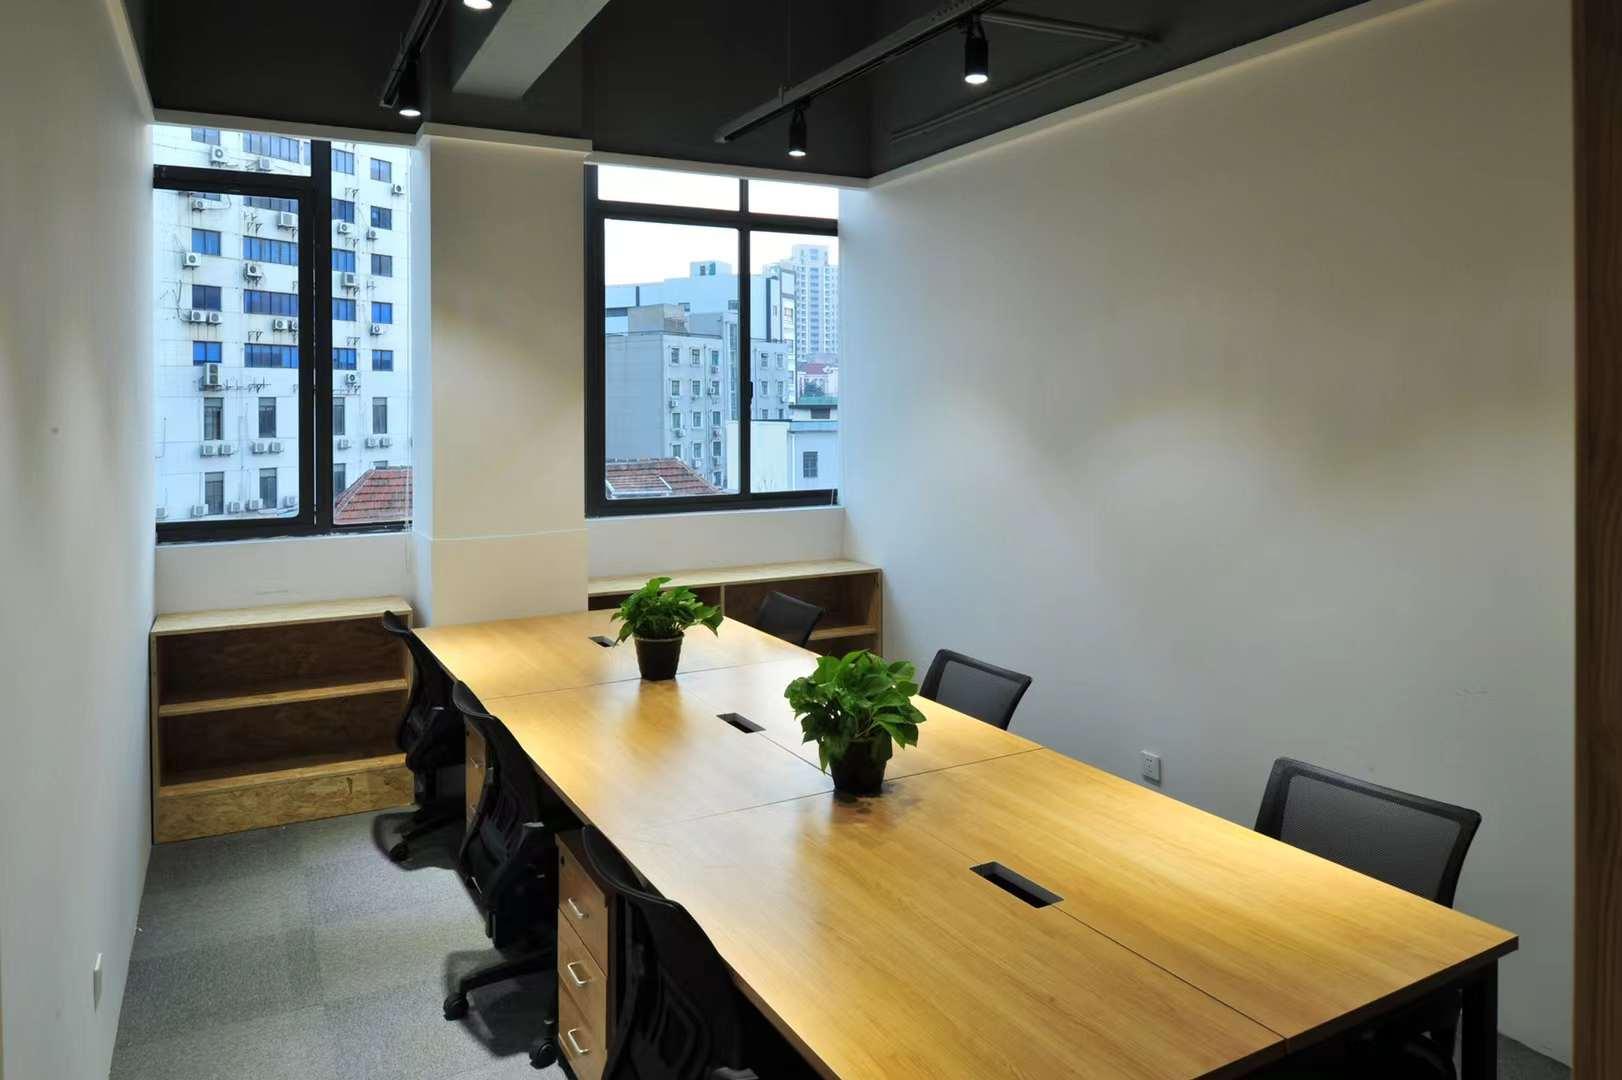 甘雅商务中心创合工社出租6人间超低价现房